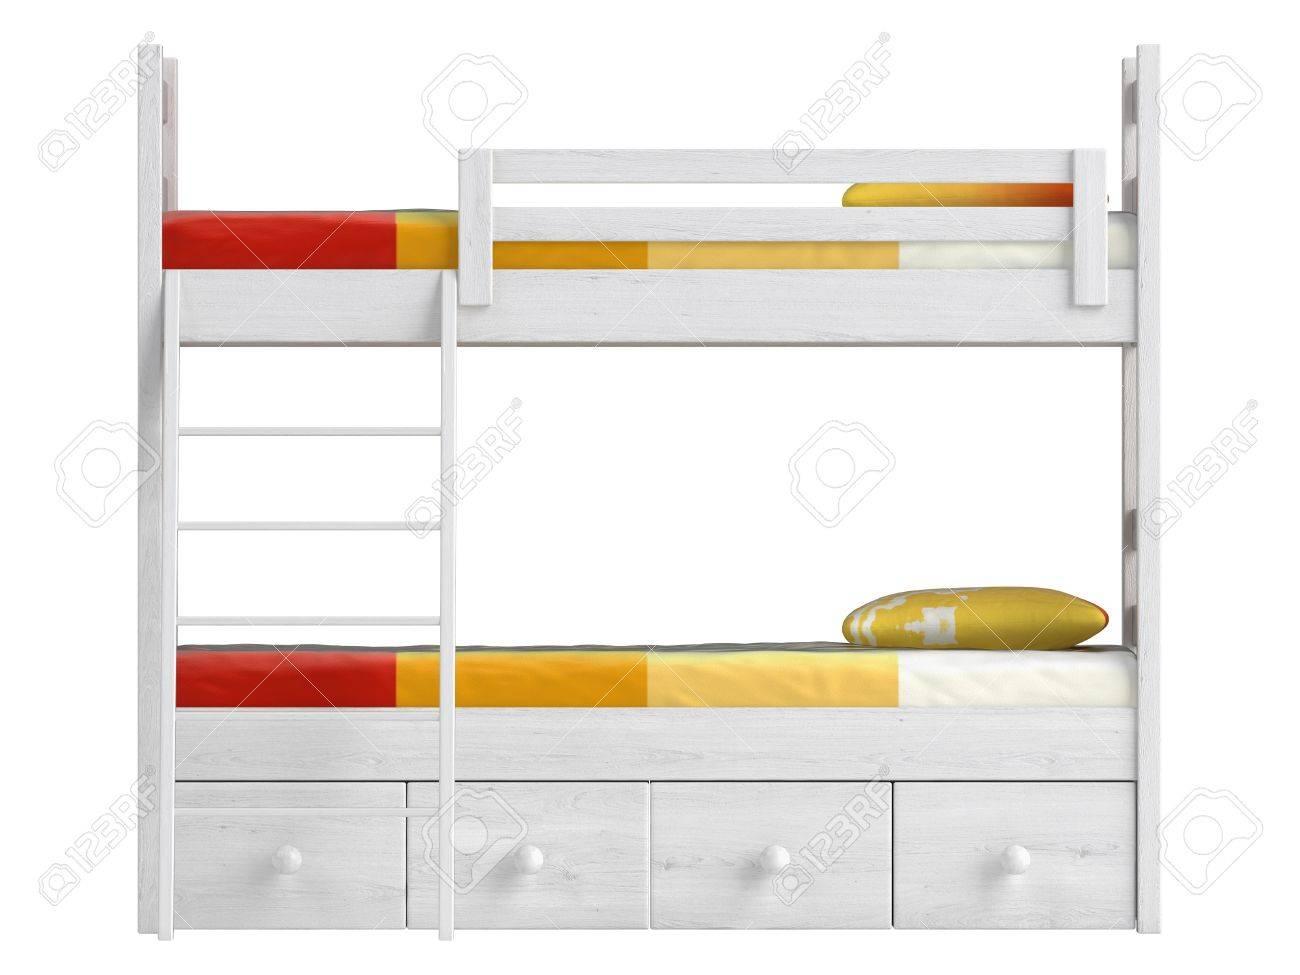 lit superpose double avec tiroirs de rangement et une echelle peinte en blanc avec une literie coloree d orange isole sur blanc